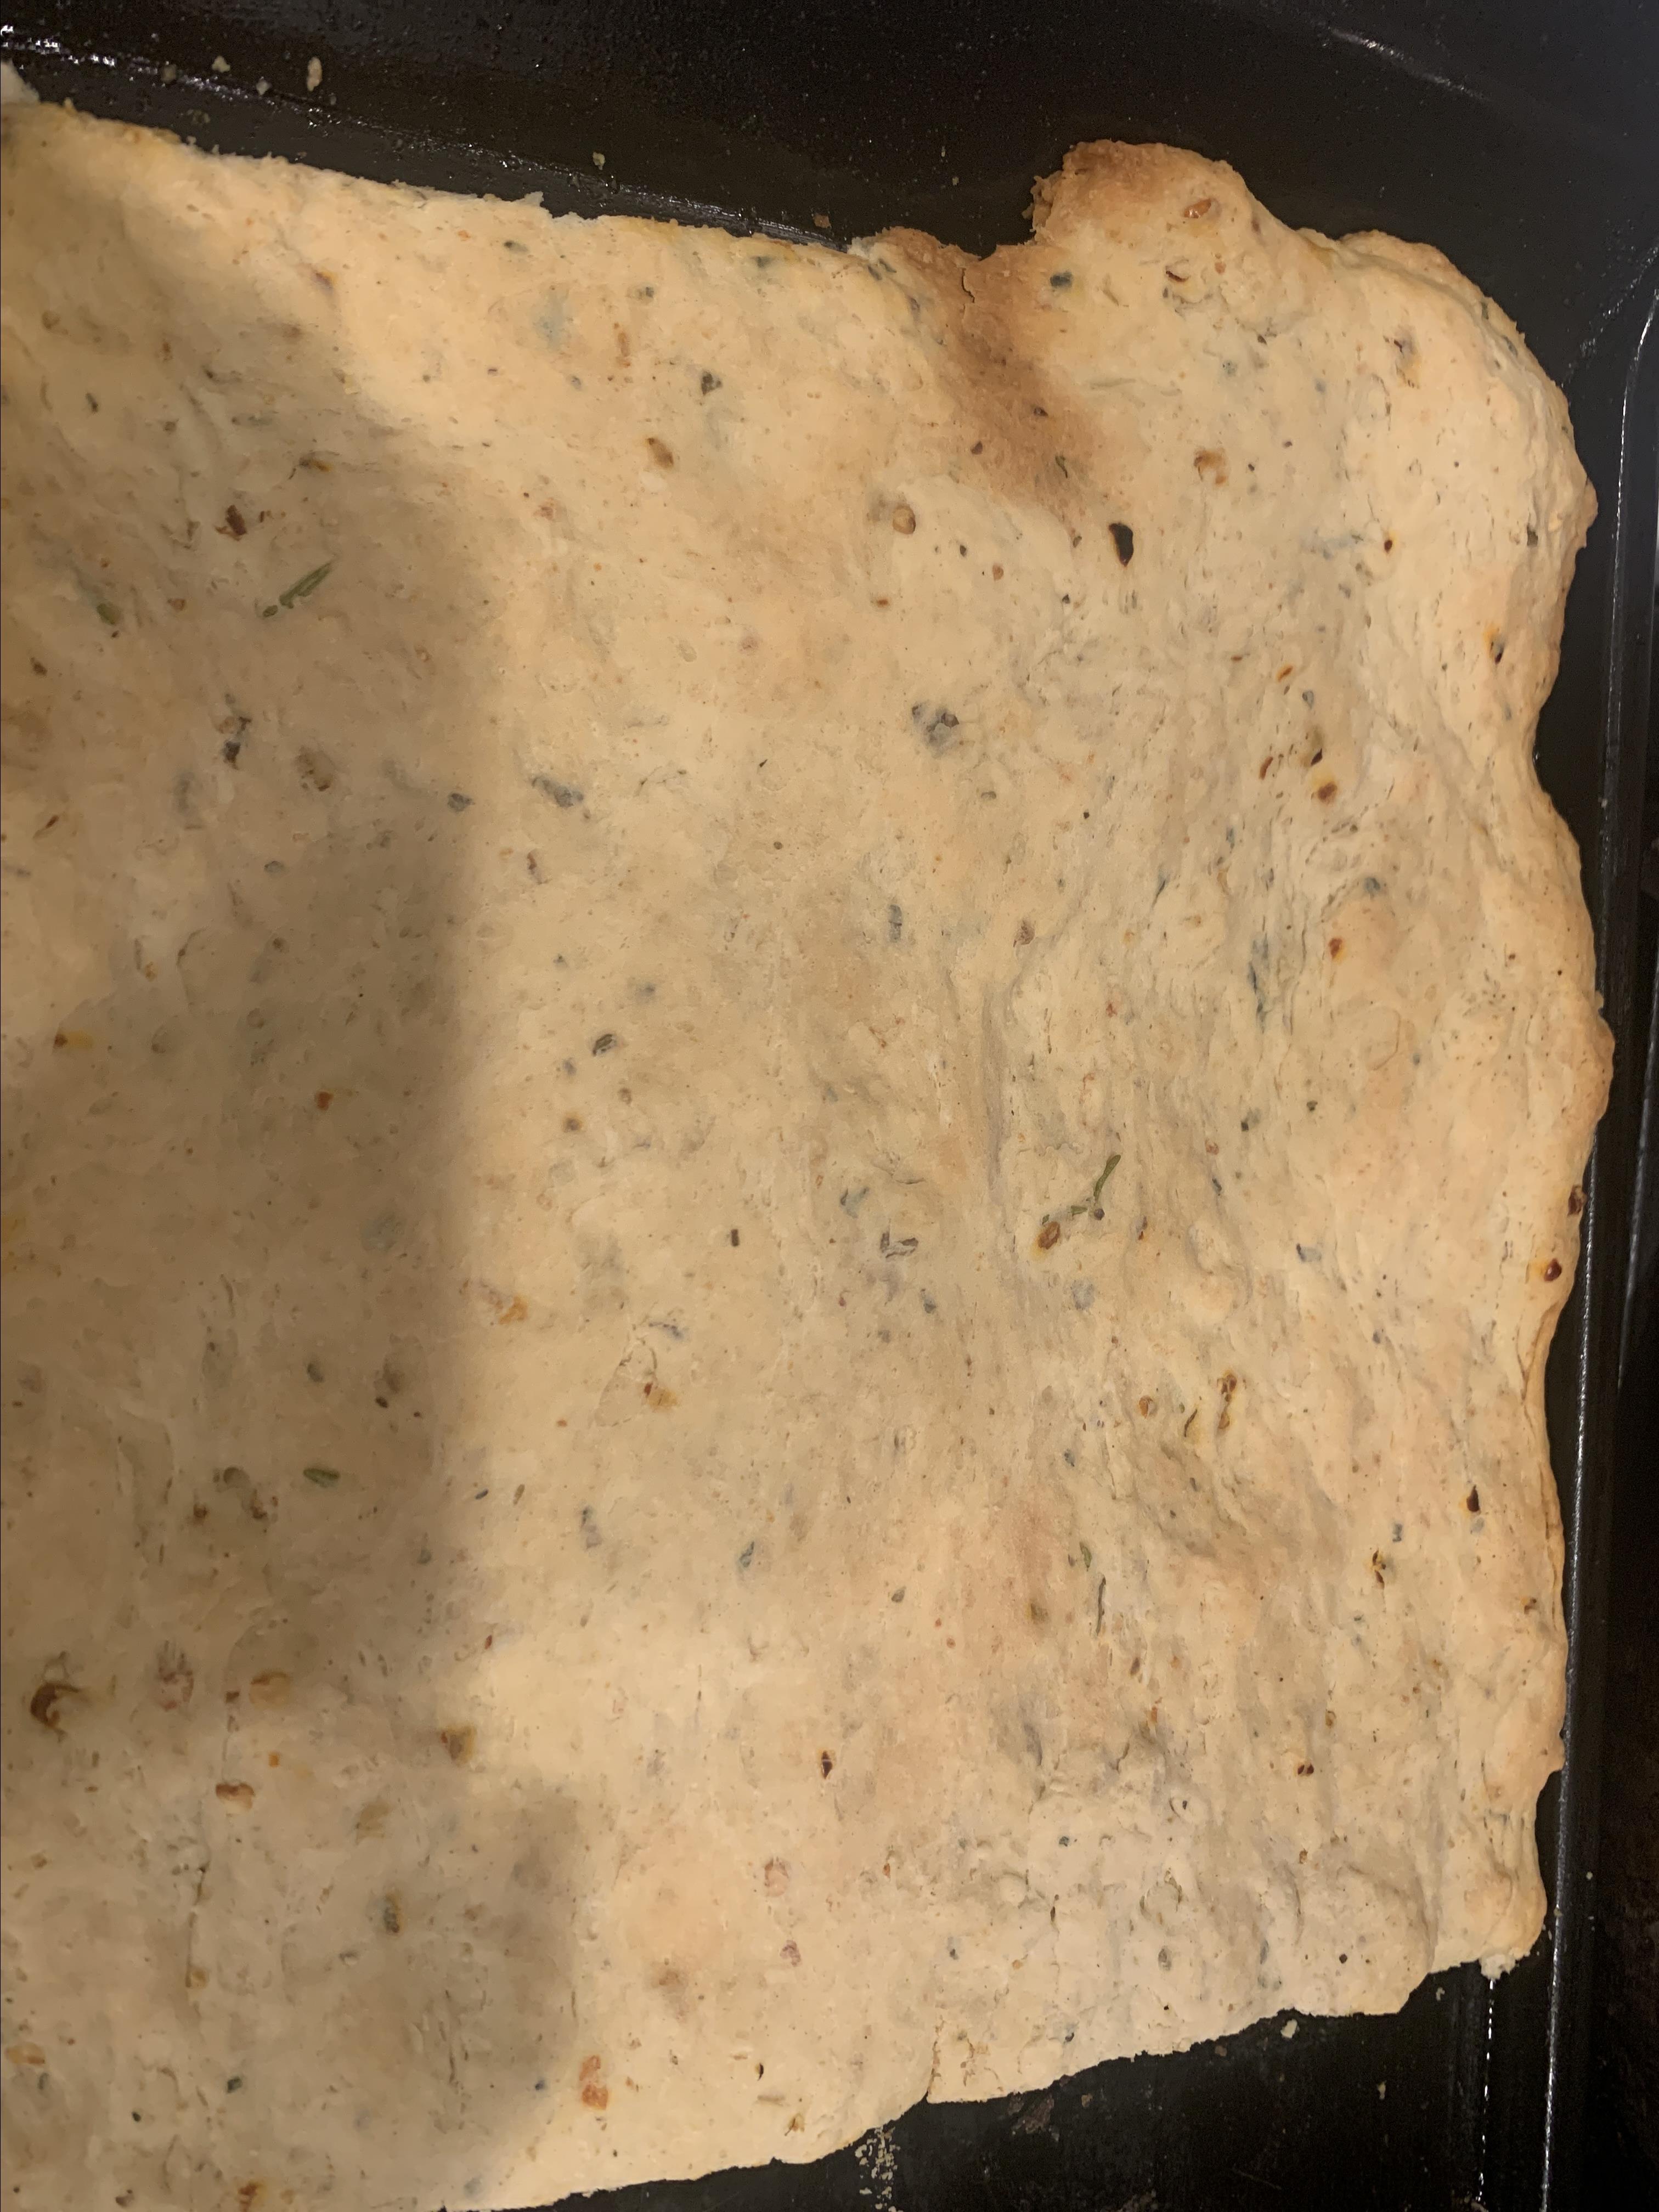 Exquisite Yeastless Focaccia